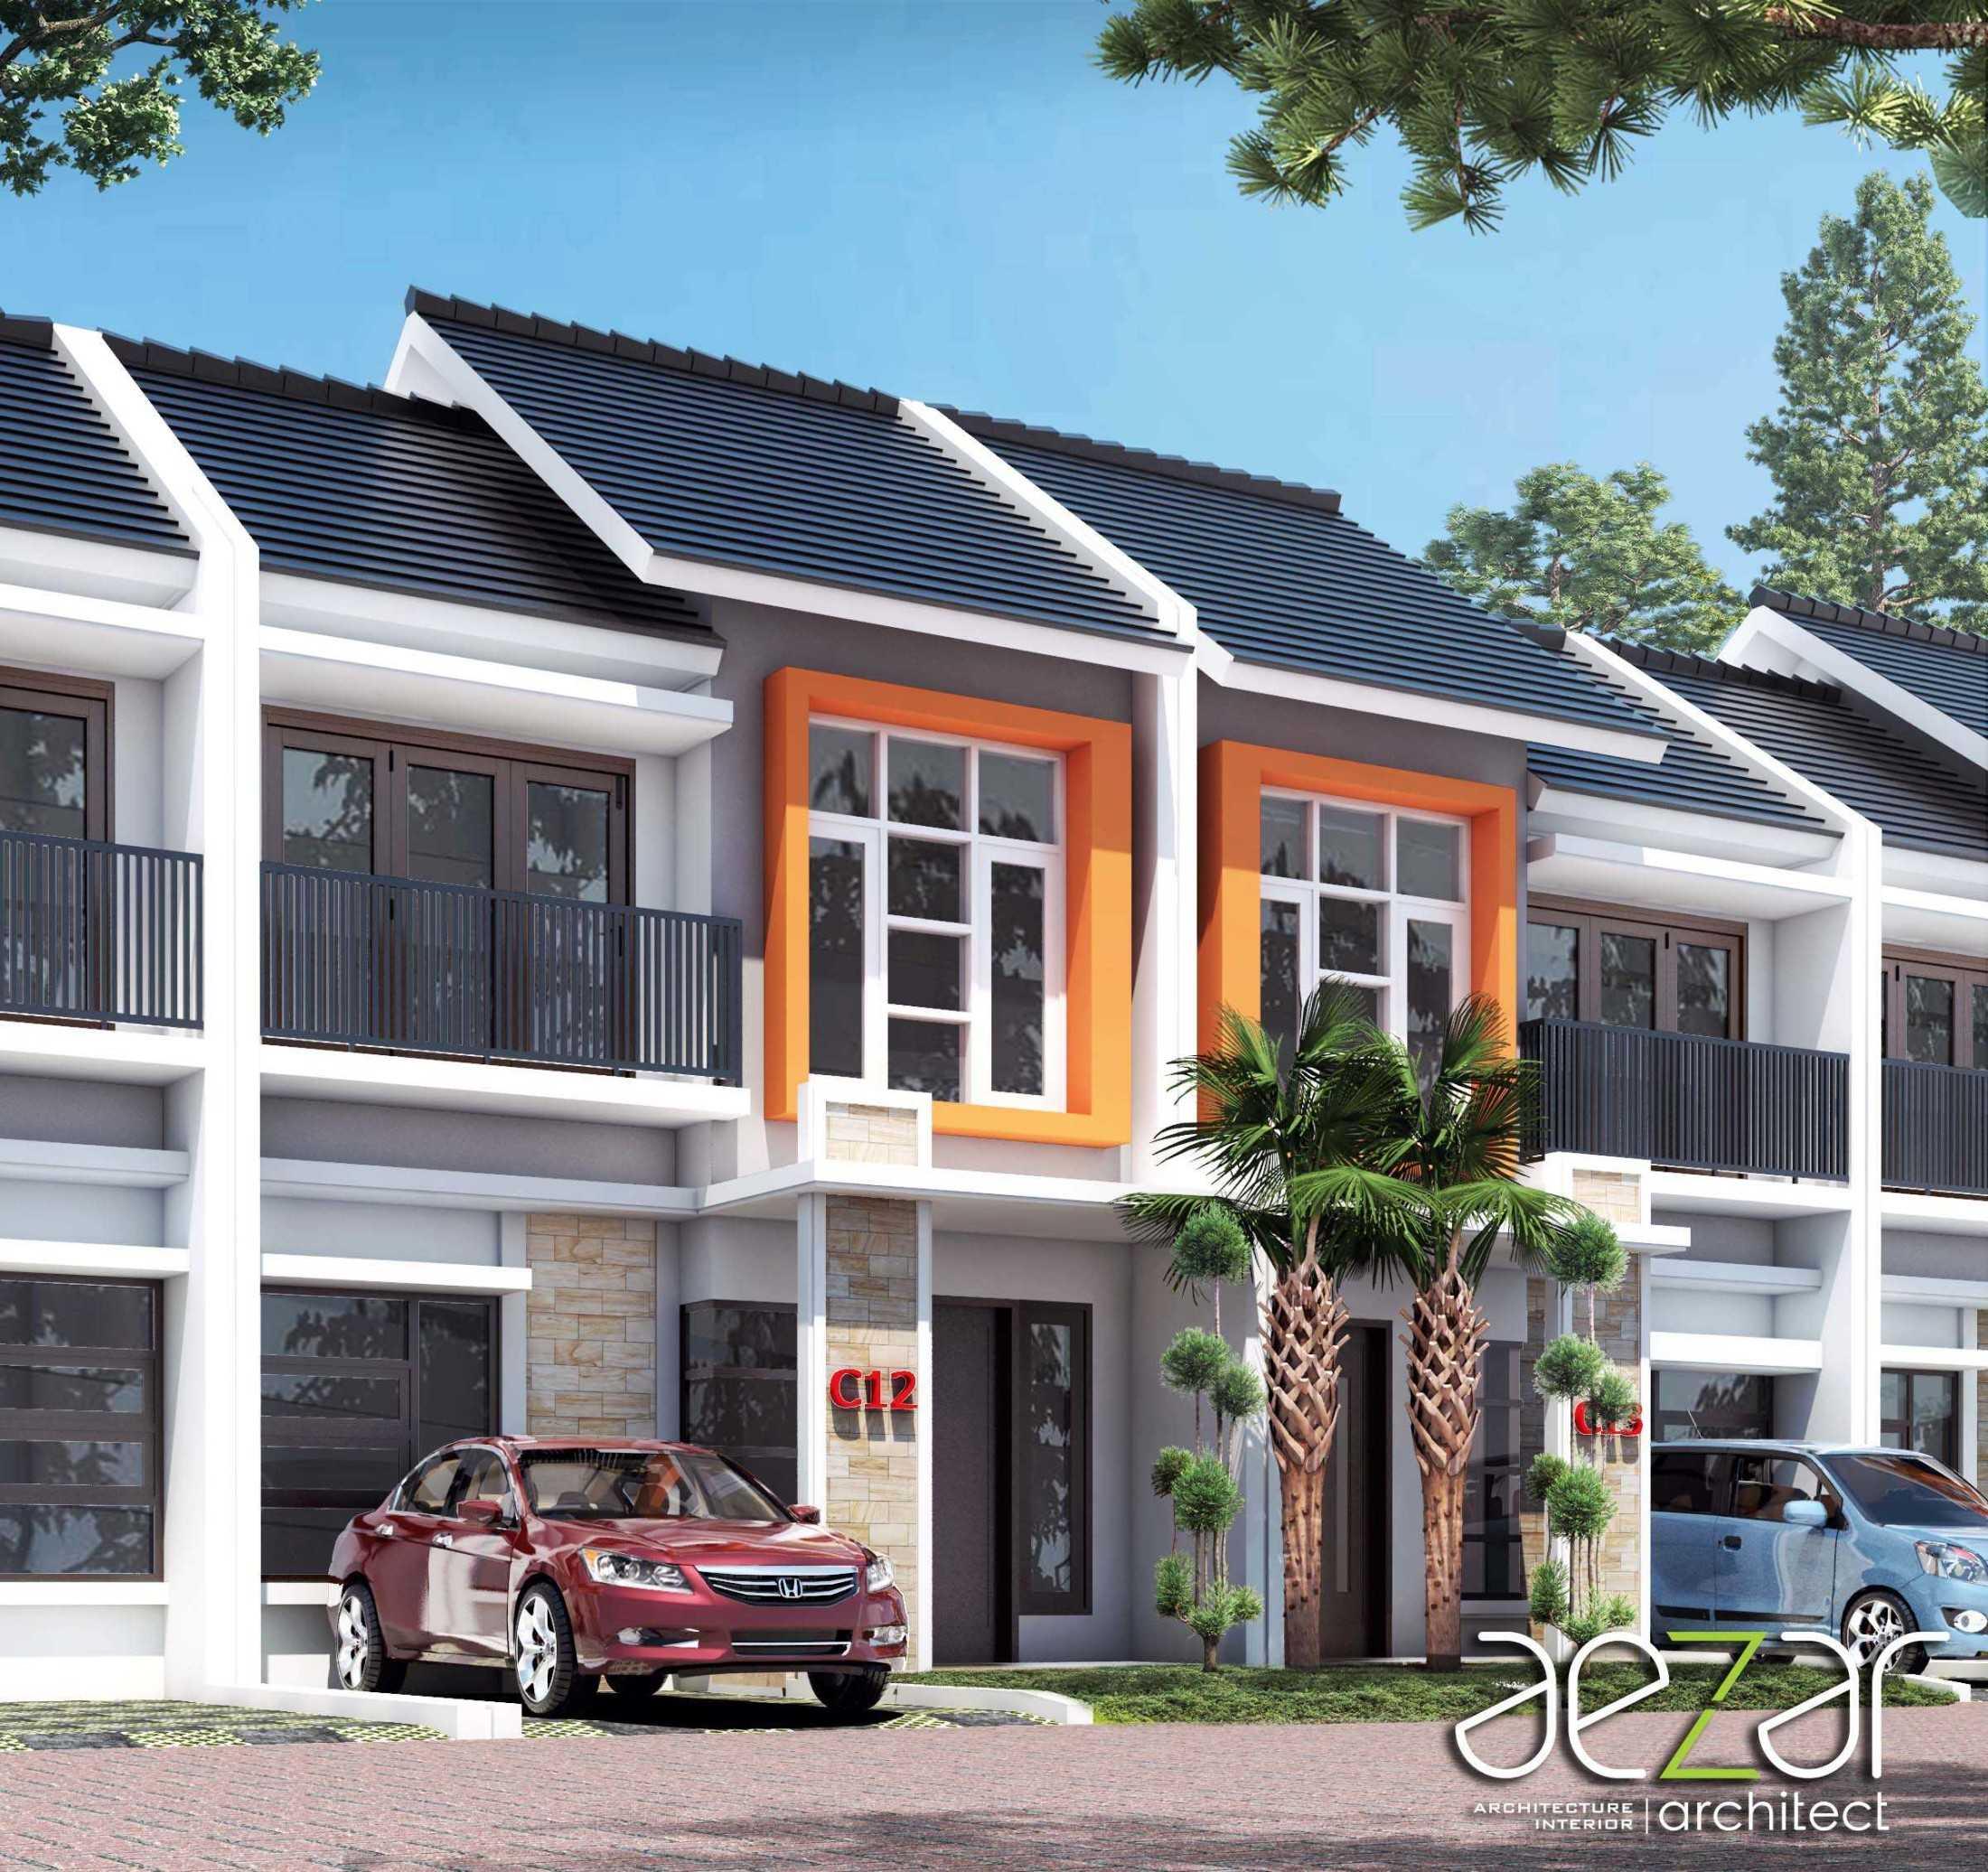 Aezar Architect Perumahan De Dwipa Kedungmundu Semarang, Jawa Tengah, Indonesia Semarang, Jawa Tengah, Indonesia Exterior View Minimalist 54505